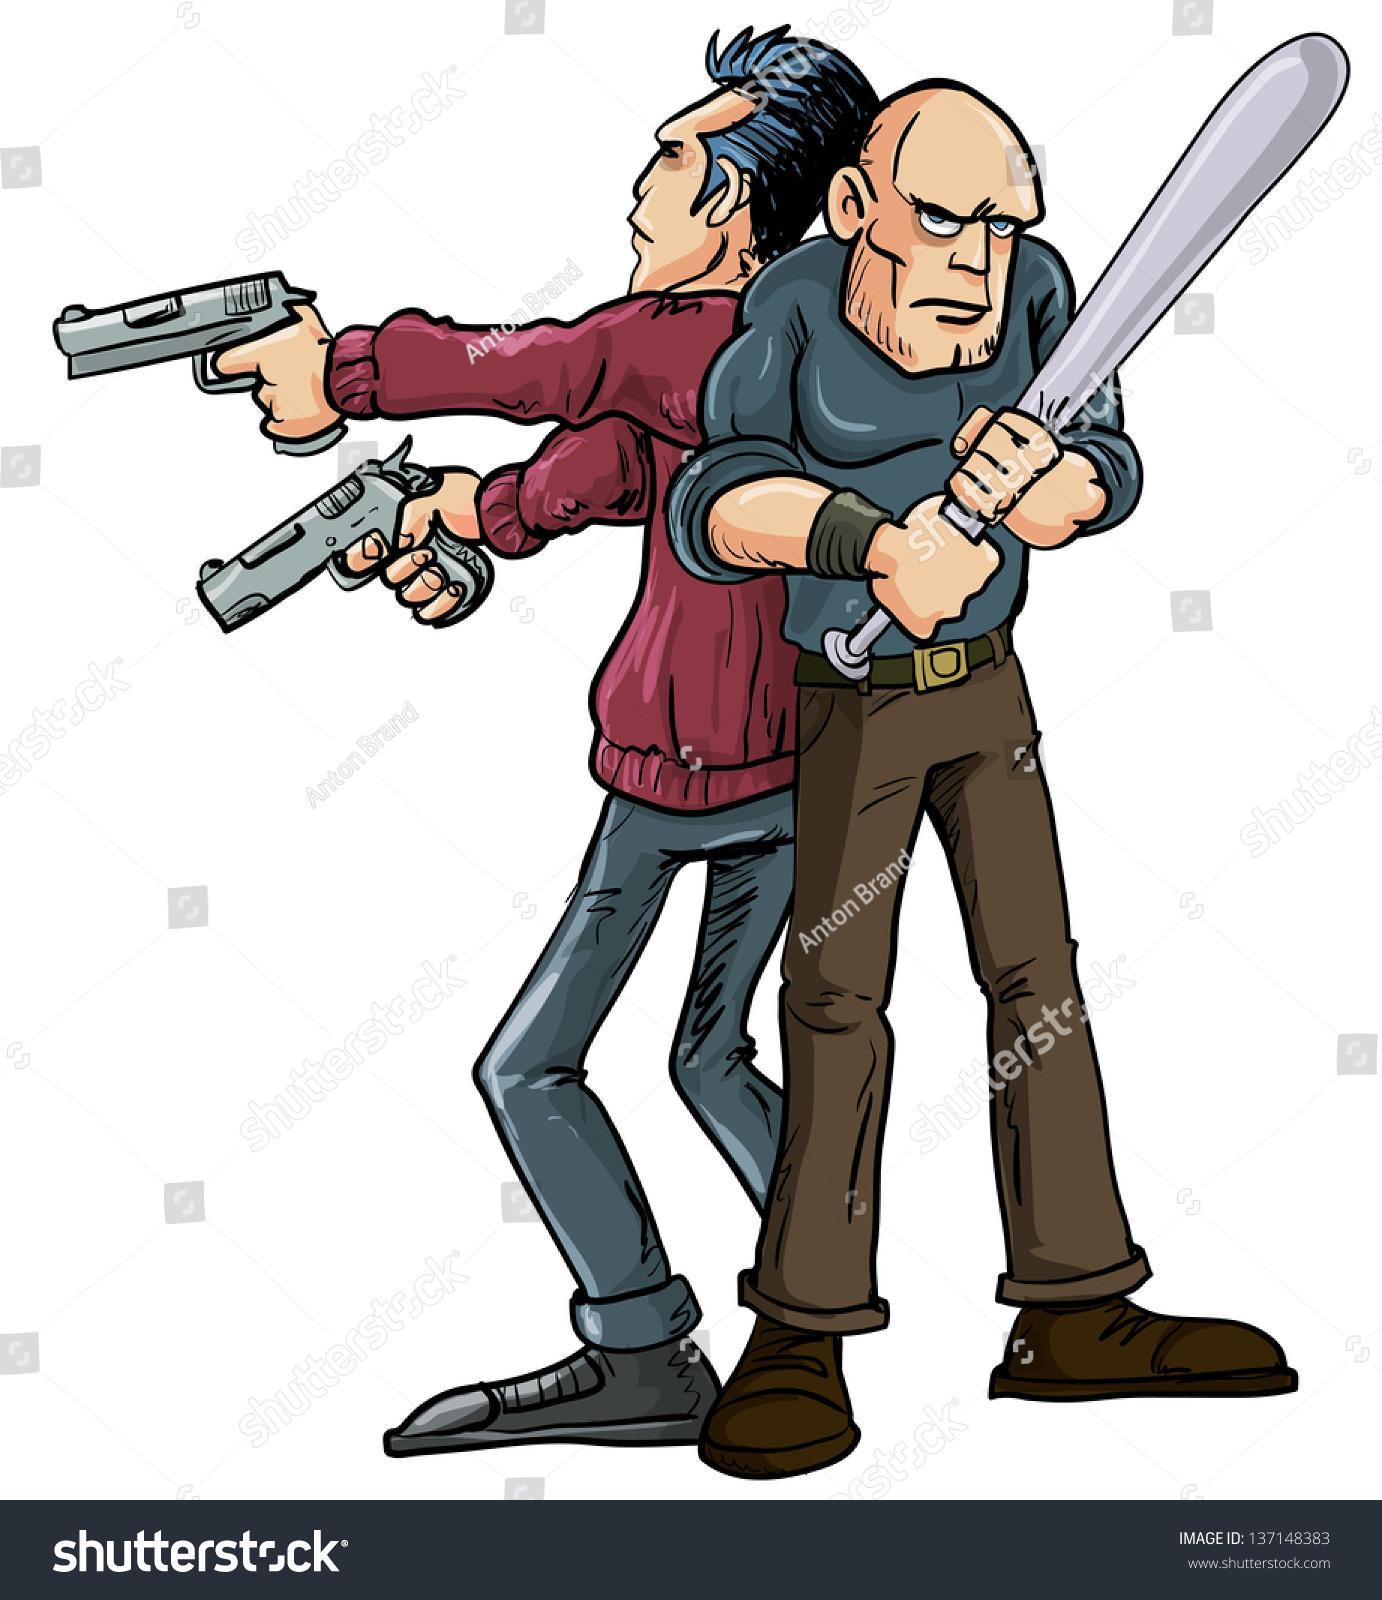 卡通插图背靠背站着的两个人操作好友系统行使他们的